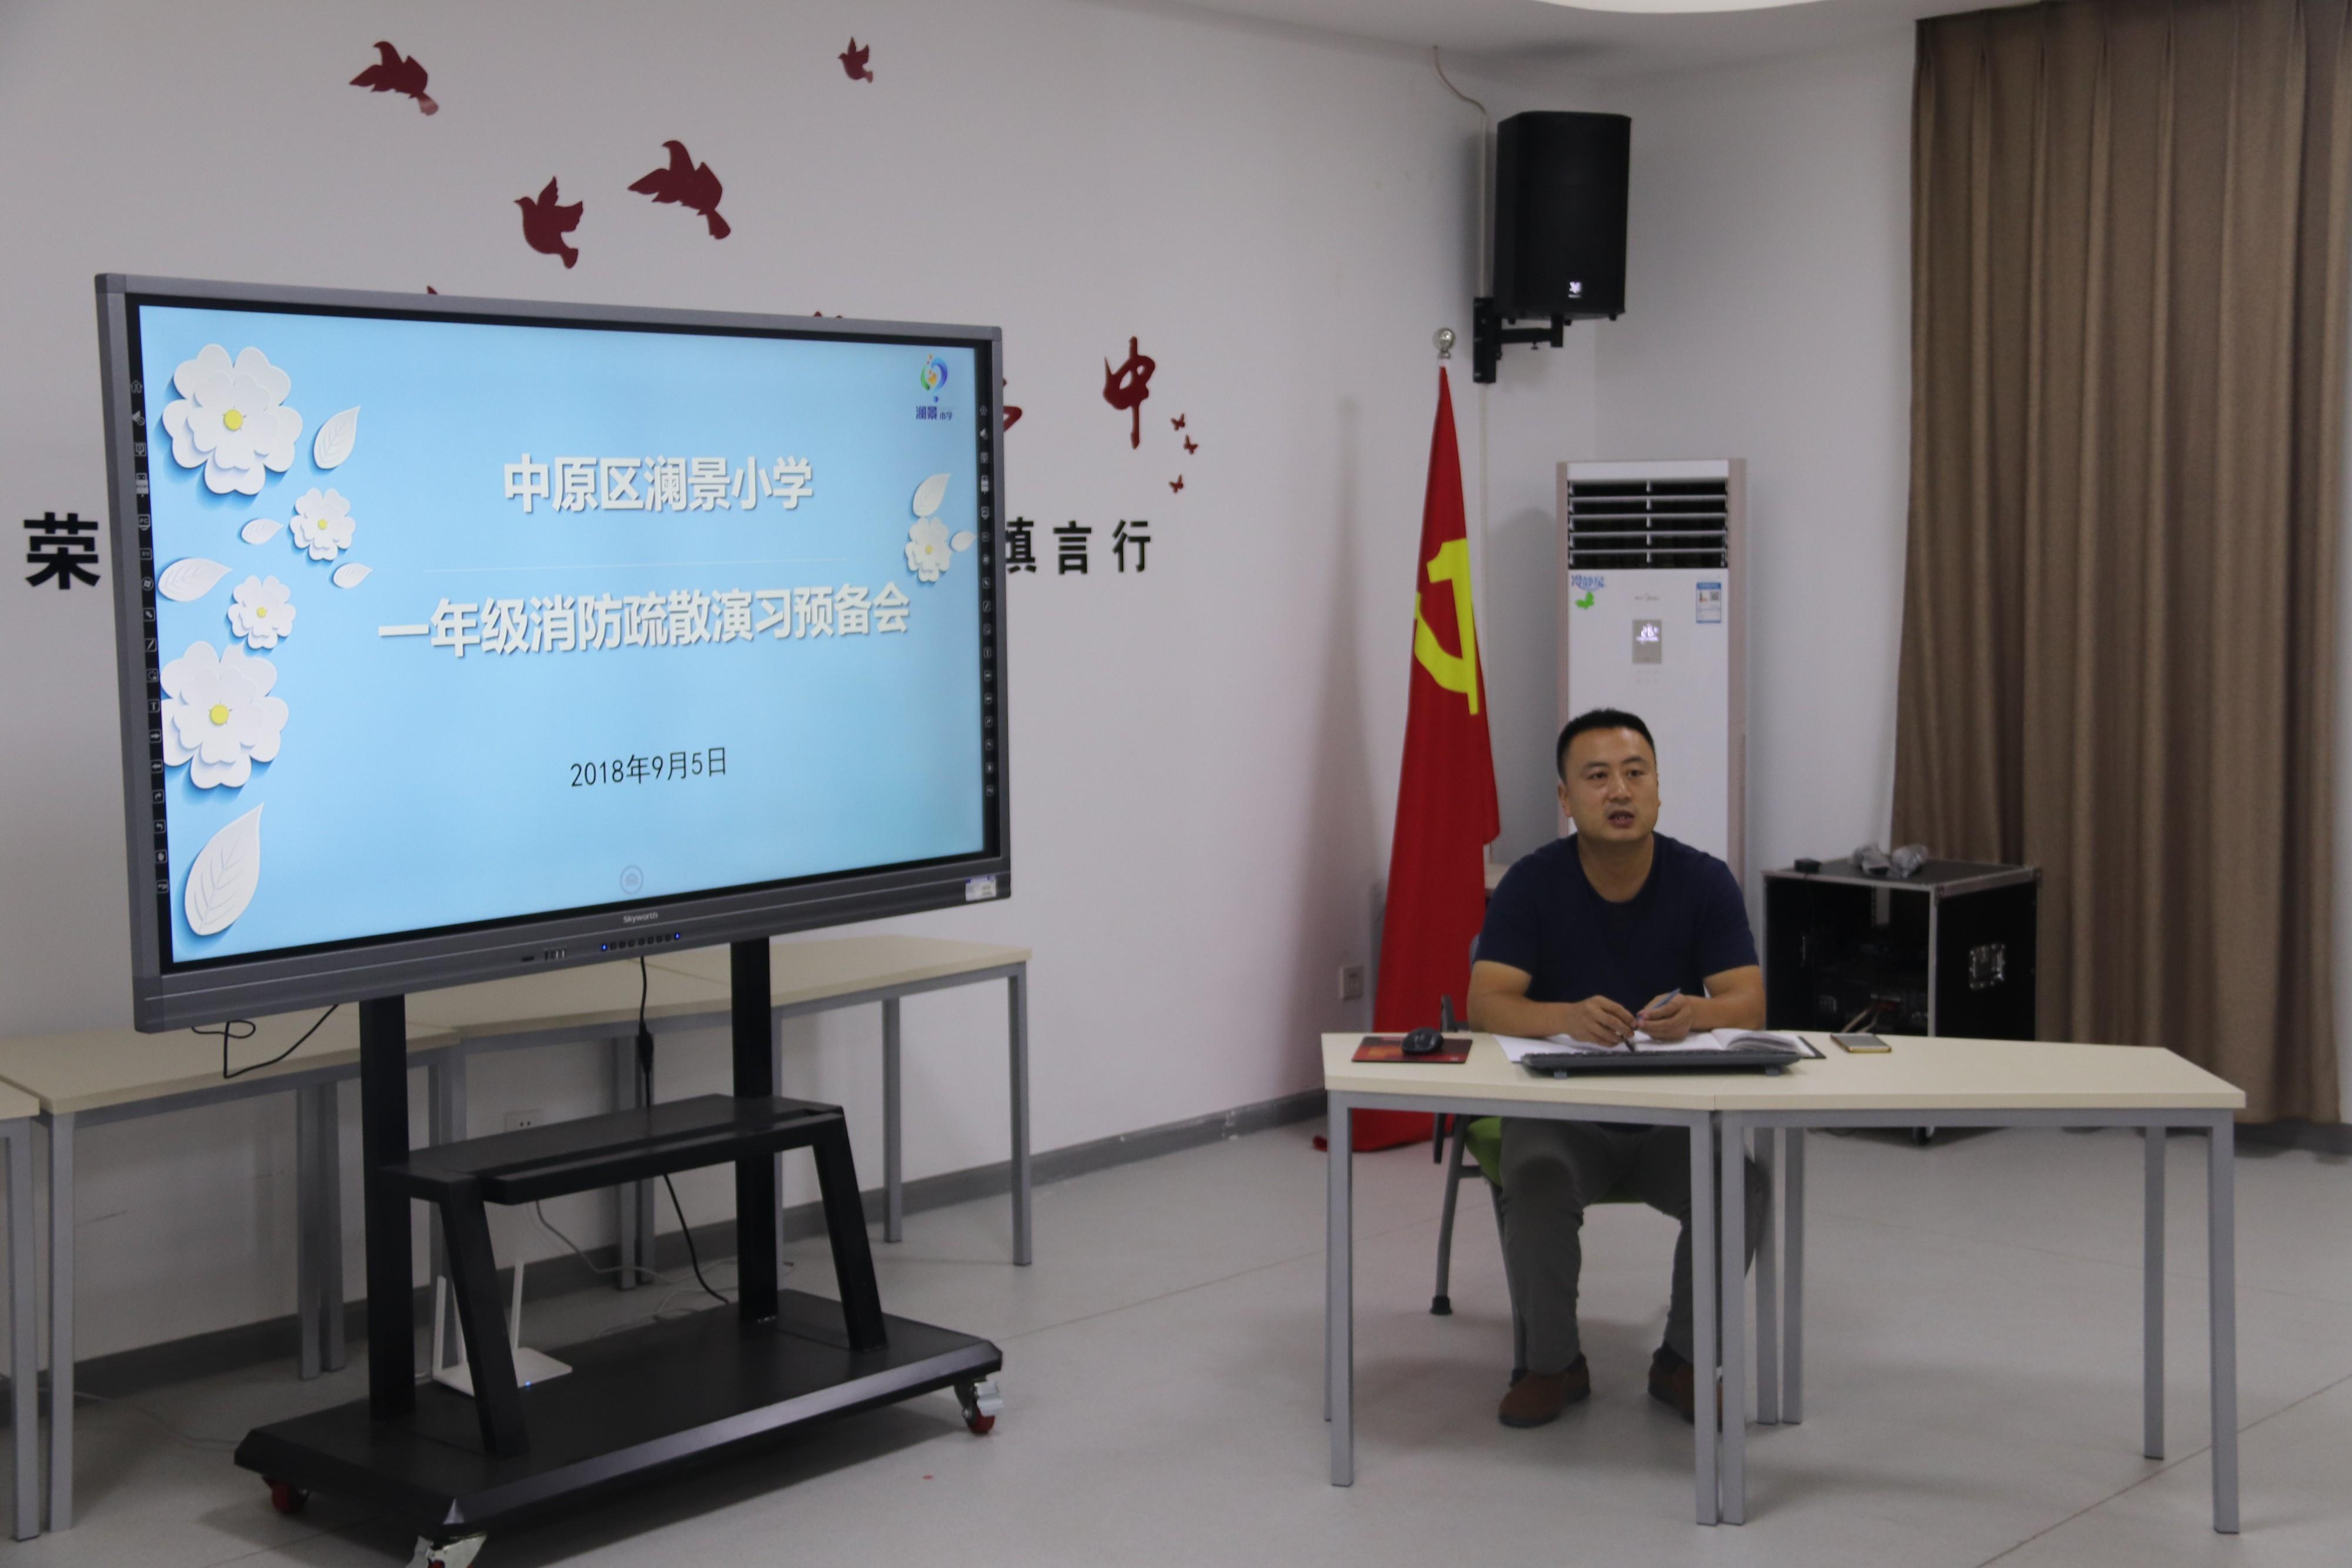 刘歌/2018年9月5日下午,副校长刘歌召开全体教师会议,对此次消防...